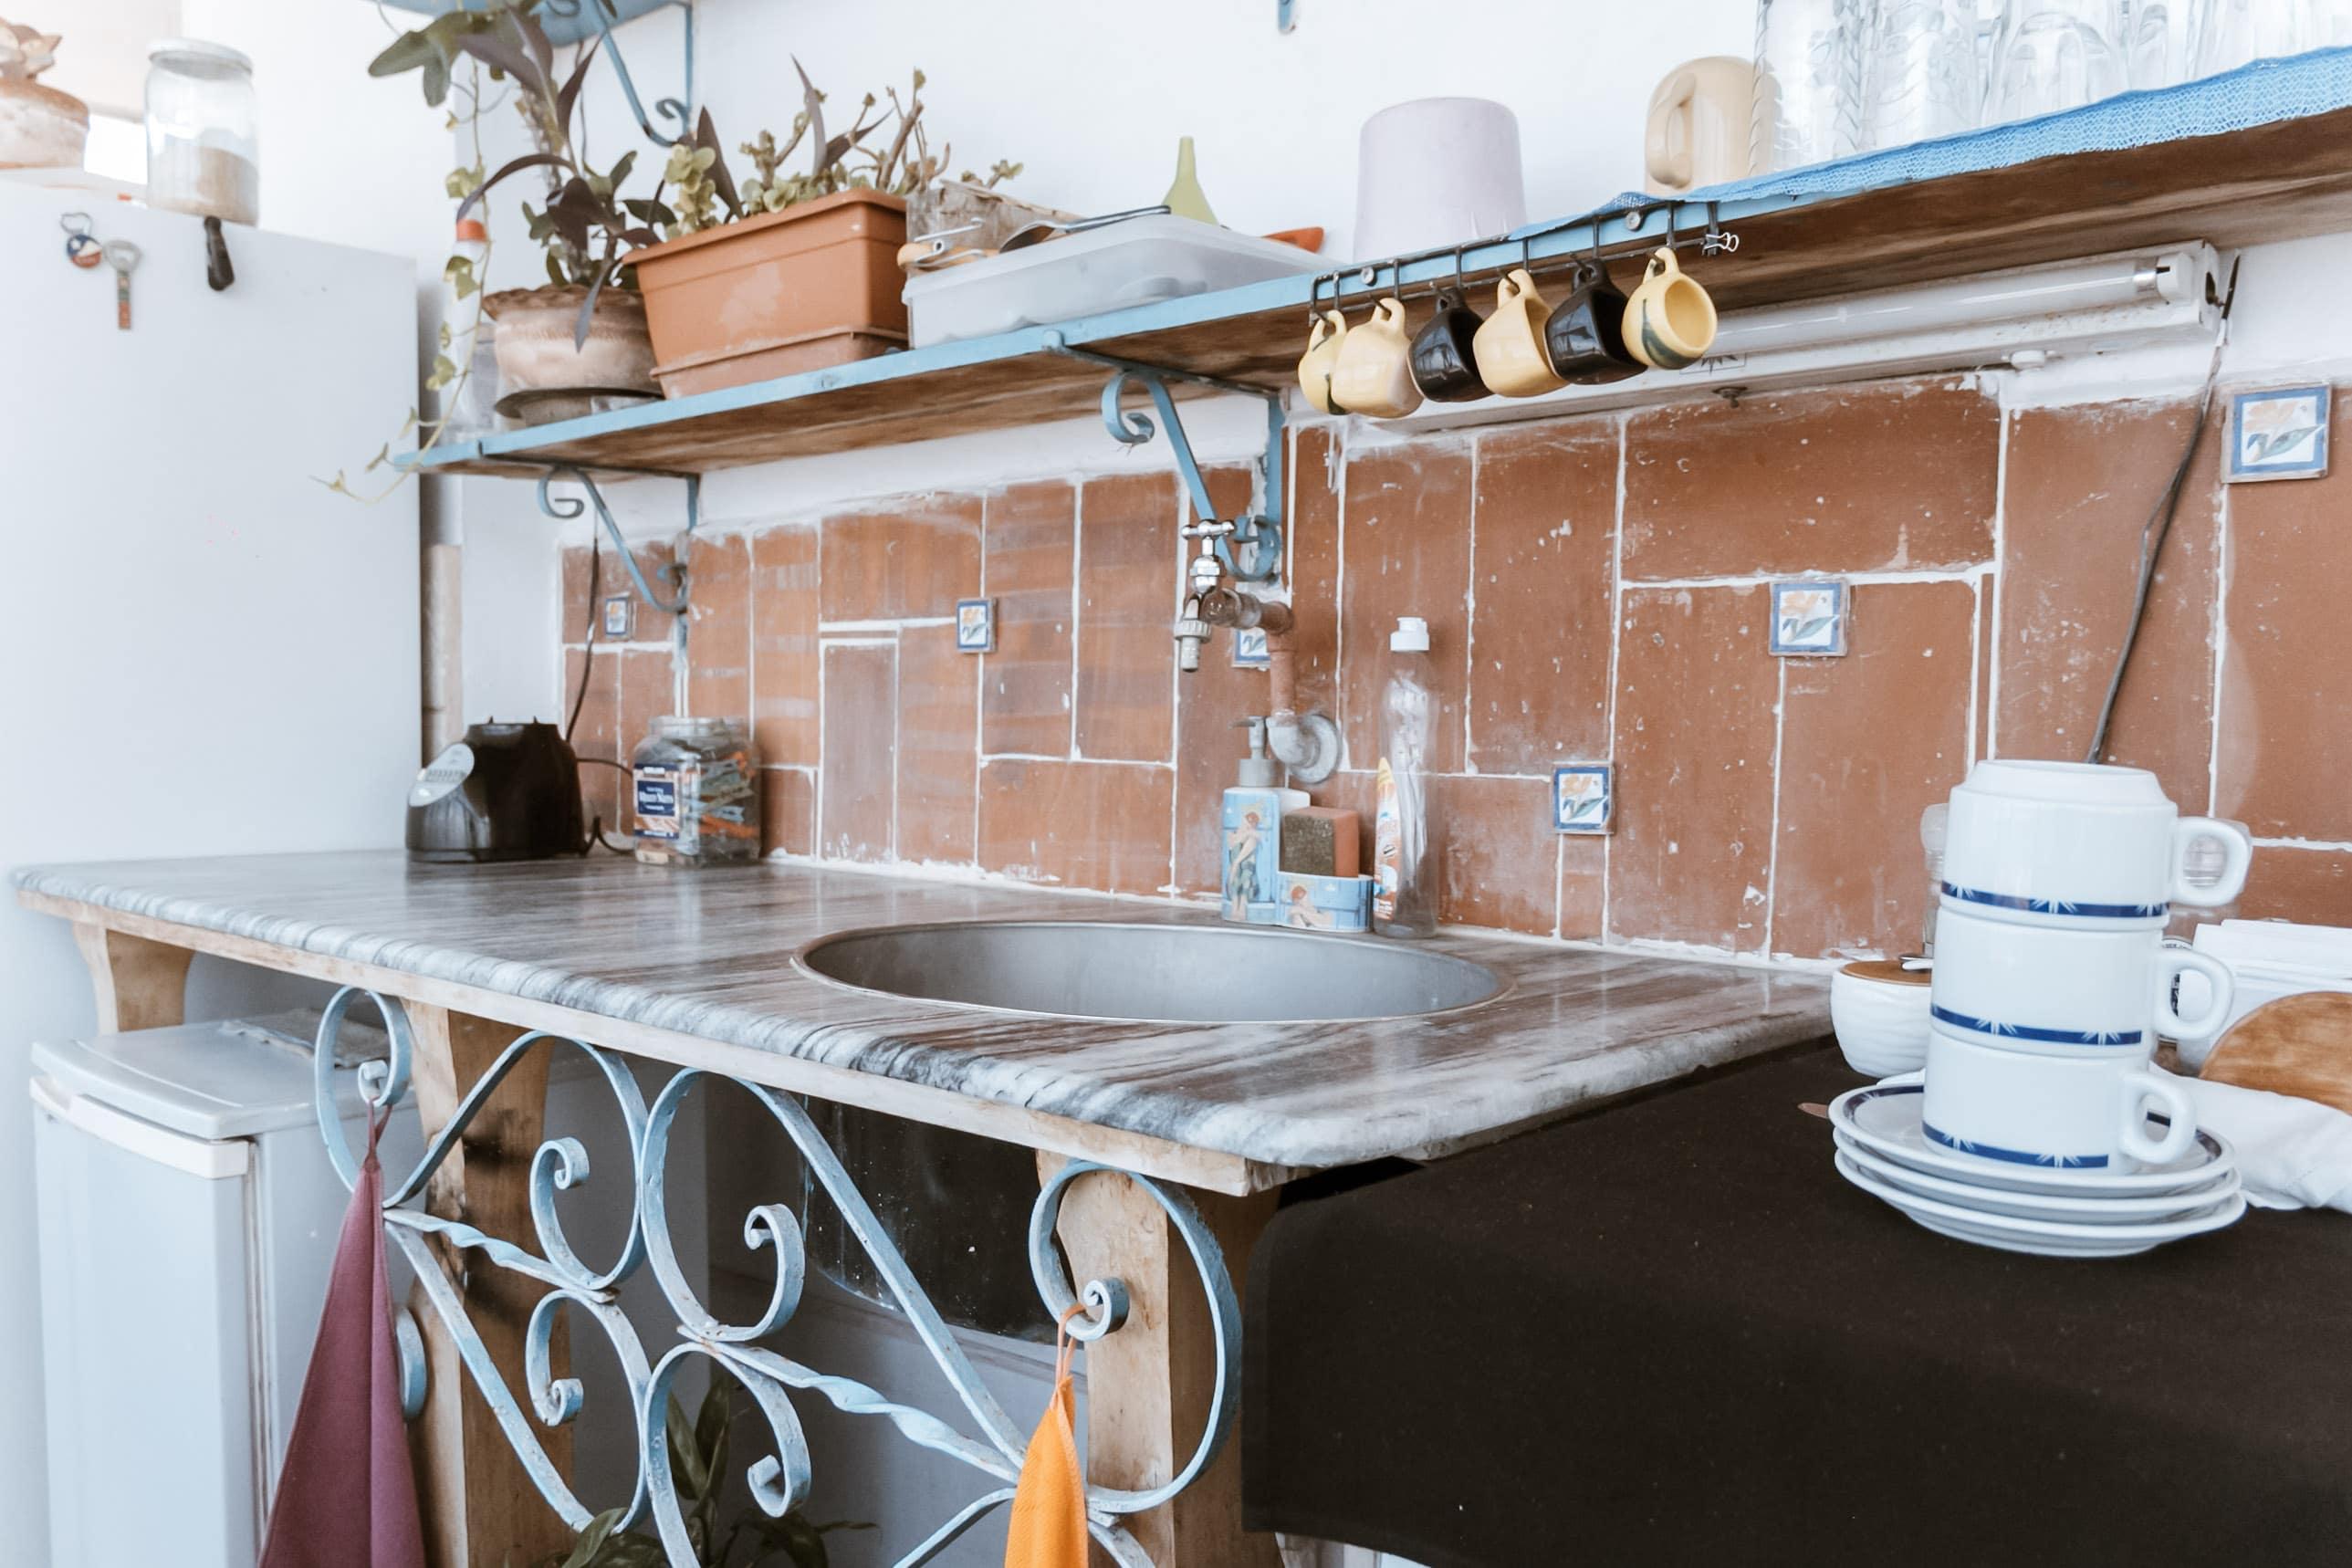 Küchenzeile mit Waschbecken in einer Casa Particular in Kuba